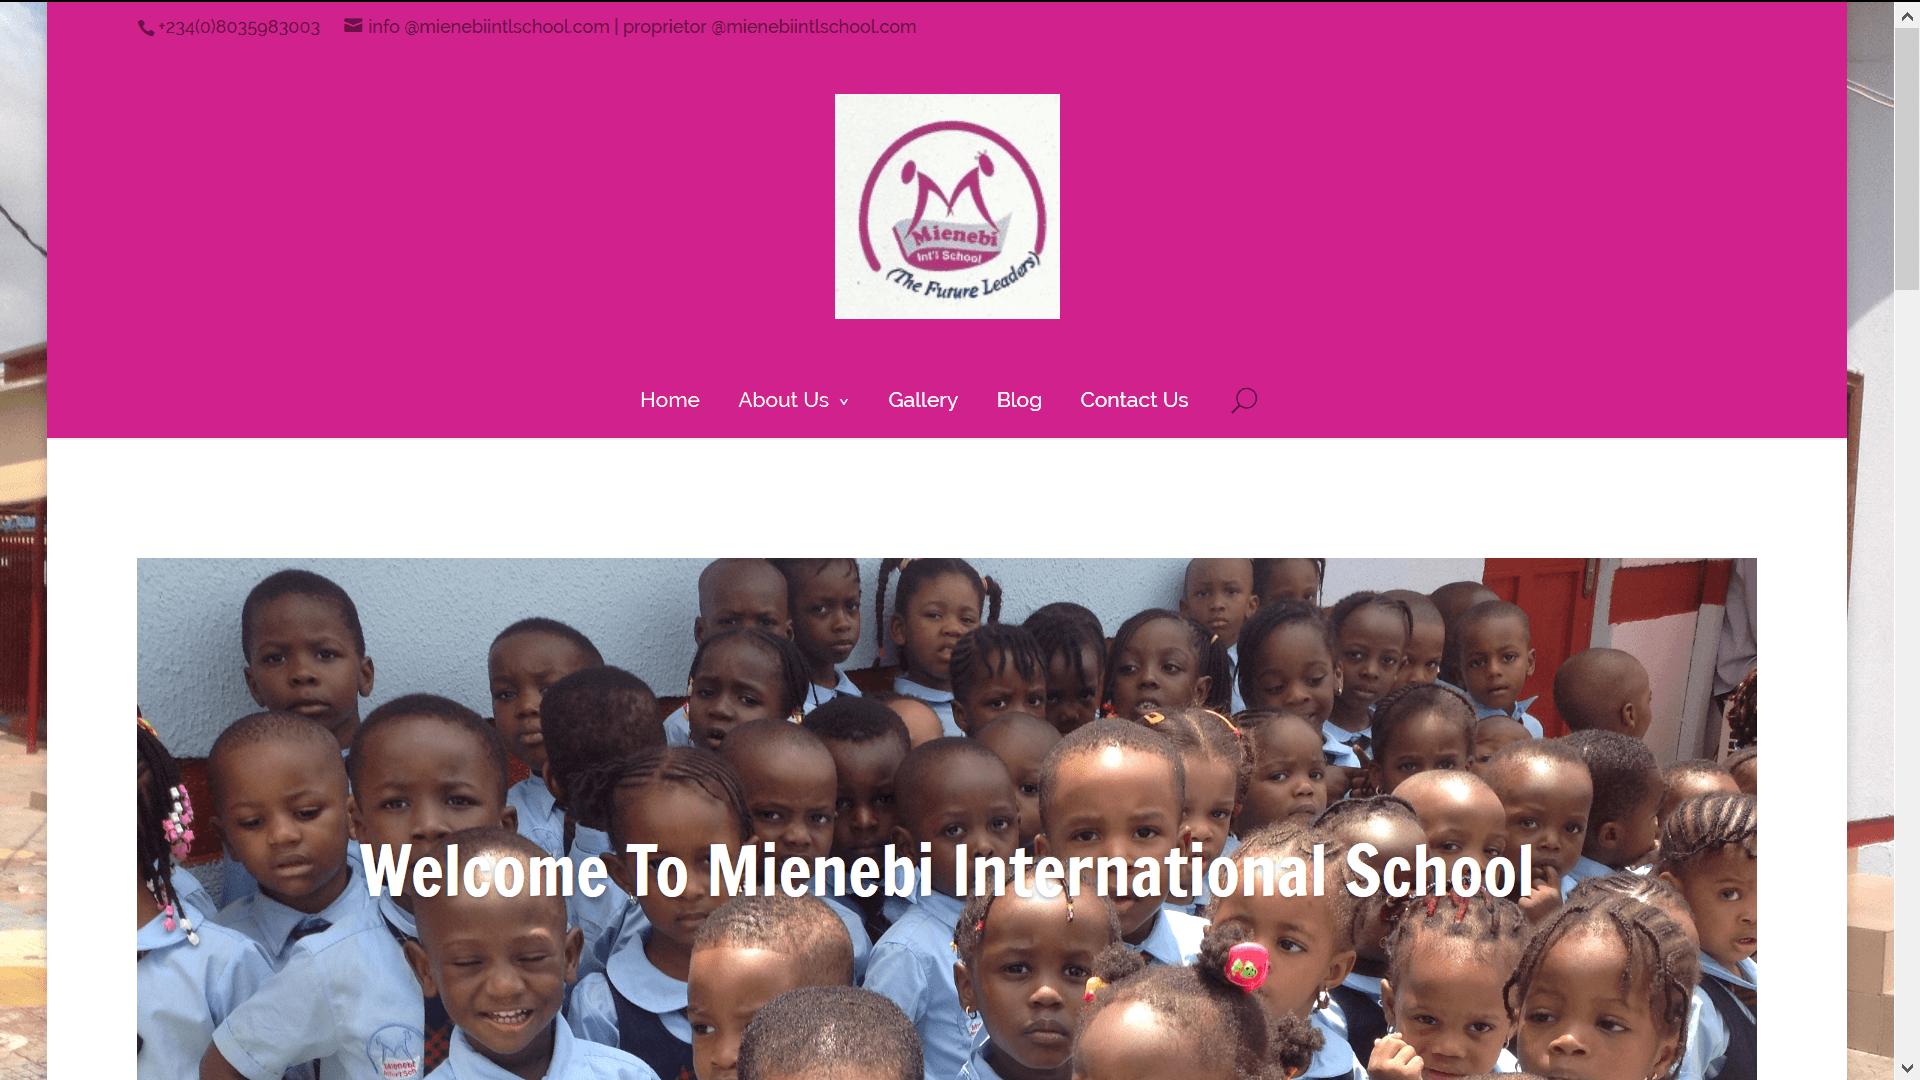 Mienebi Int'l School